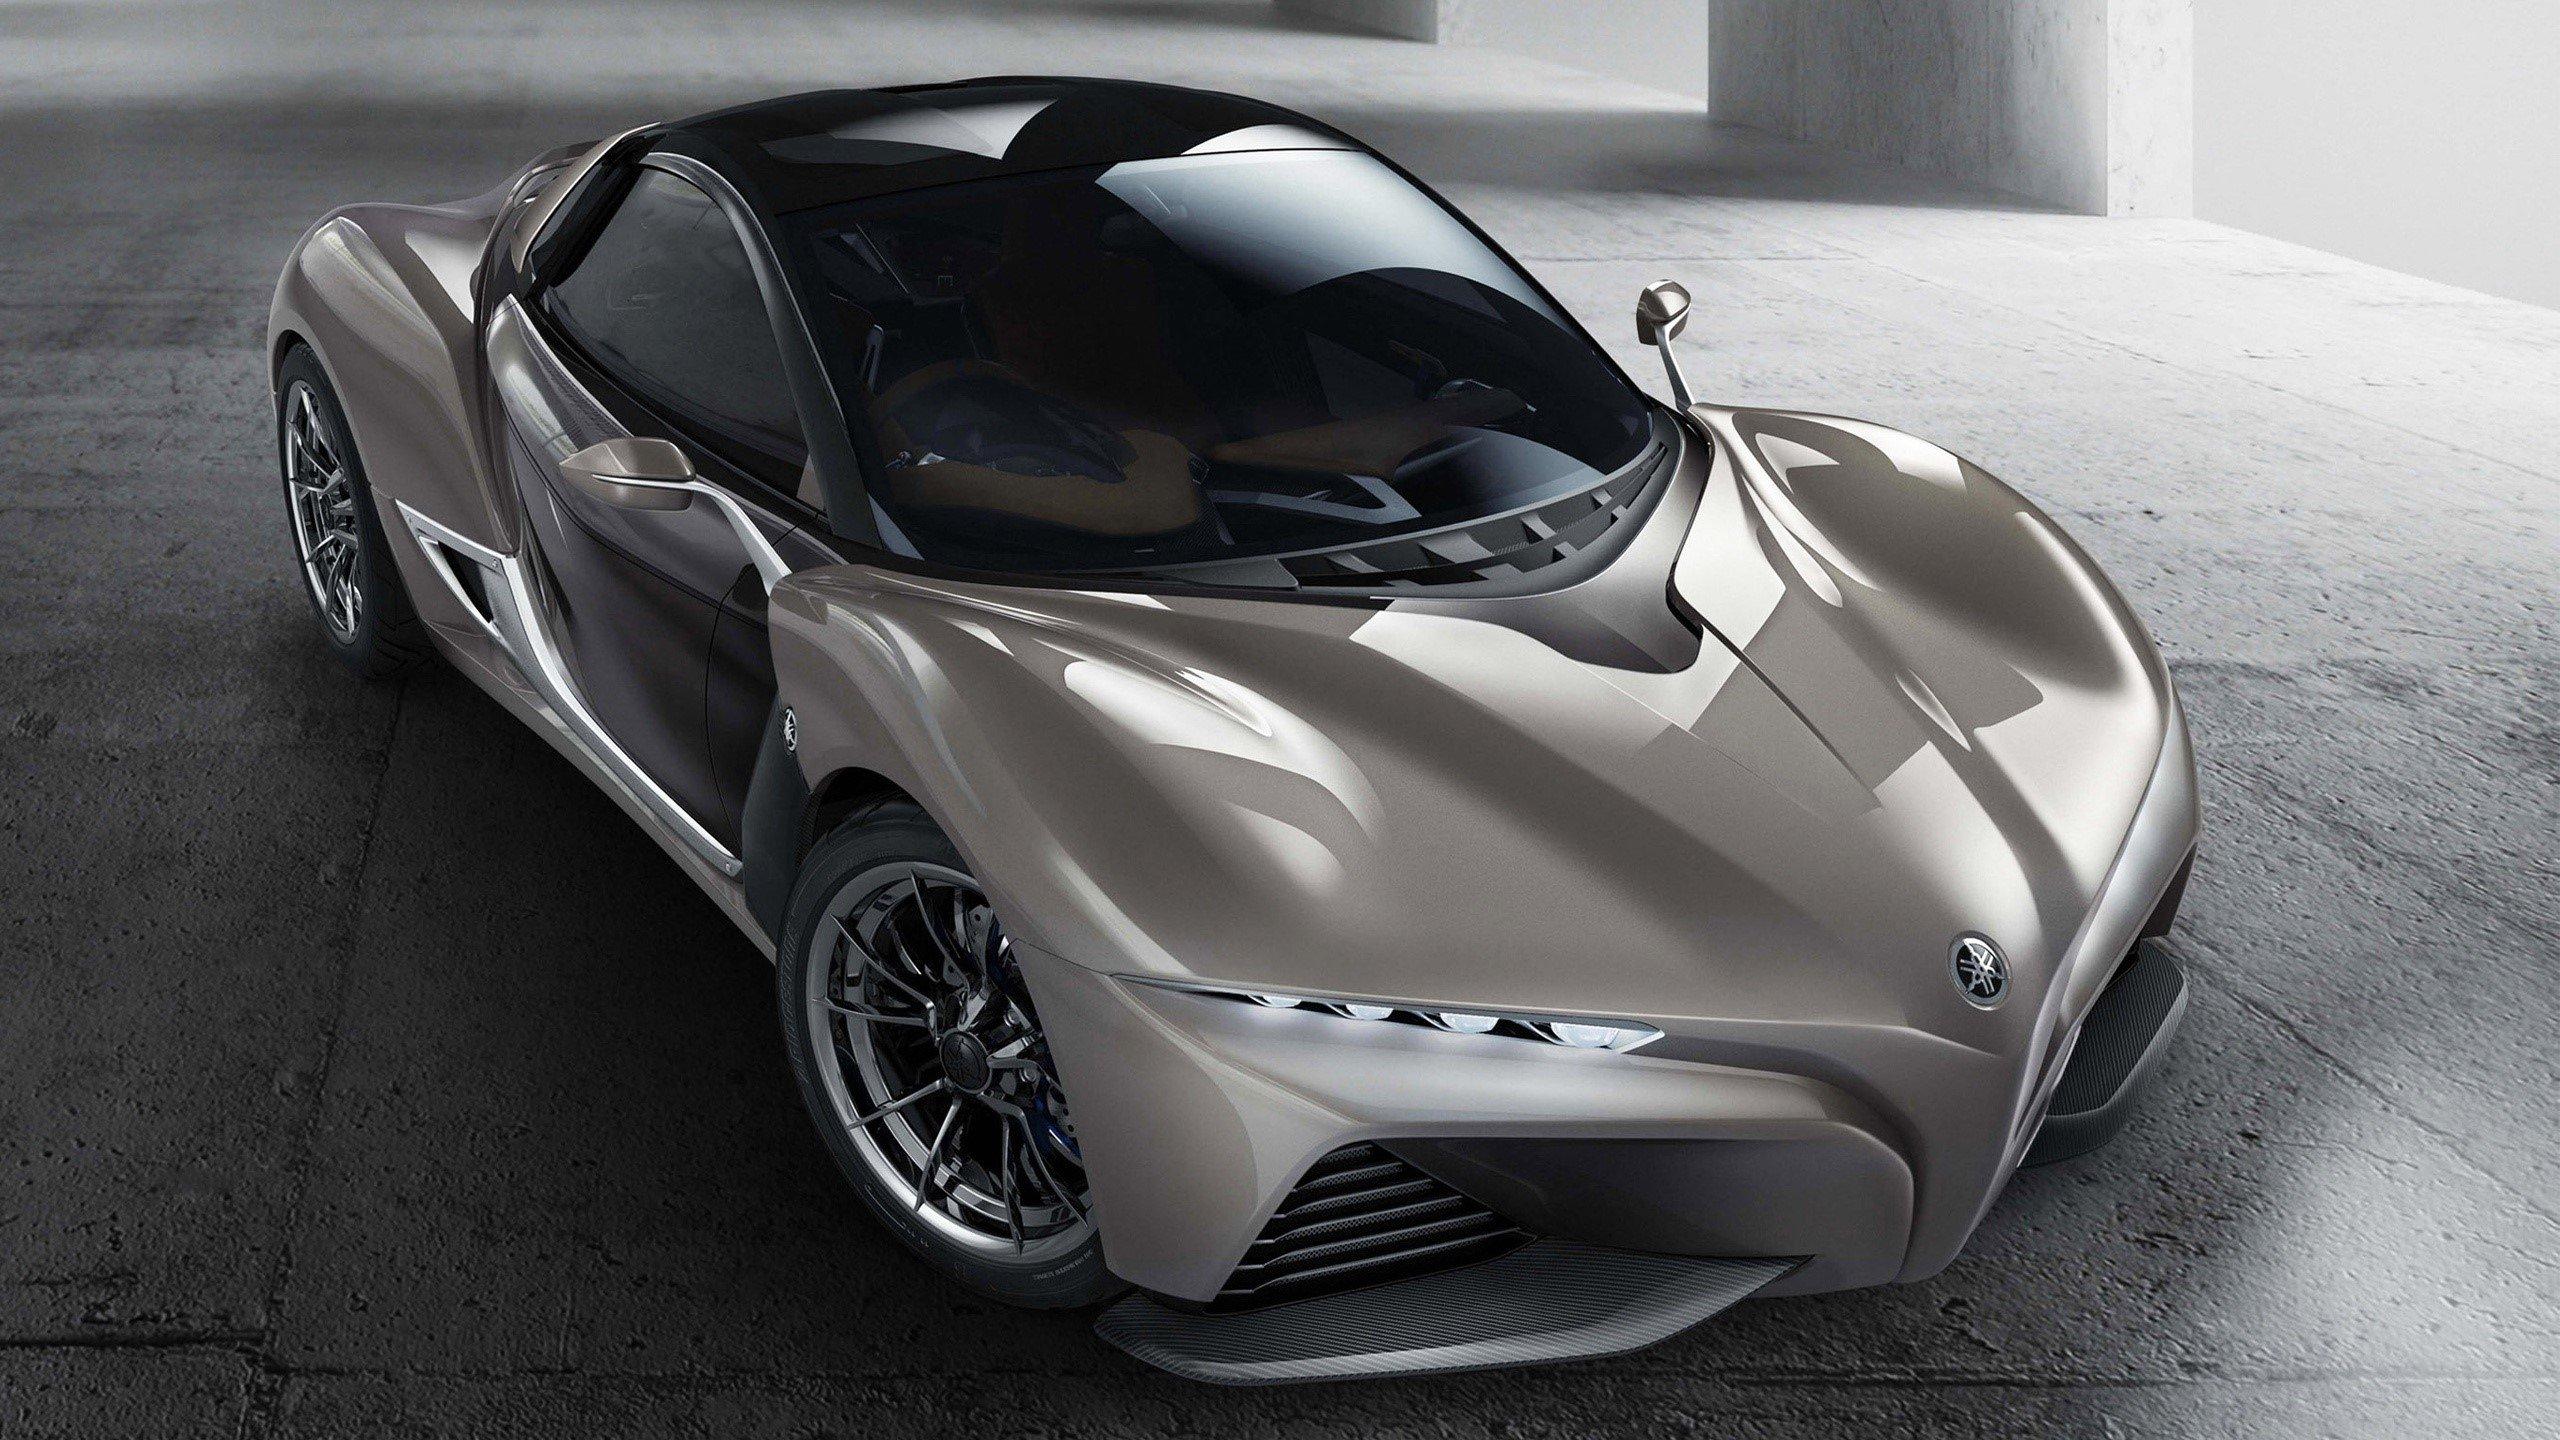 Fondos de pantalla Yamaha Sports Ride Concept